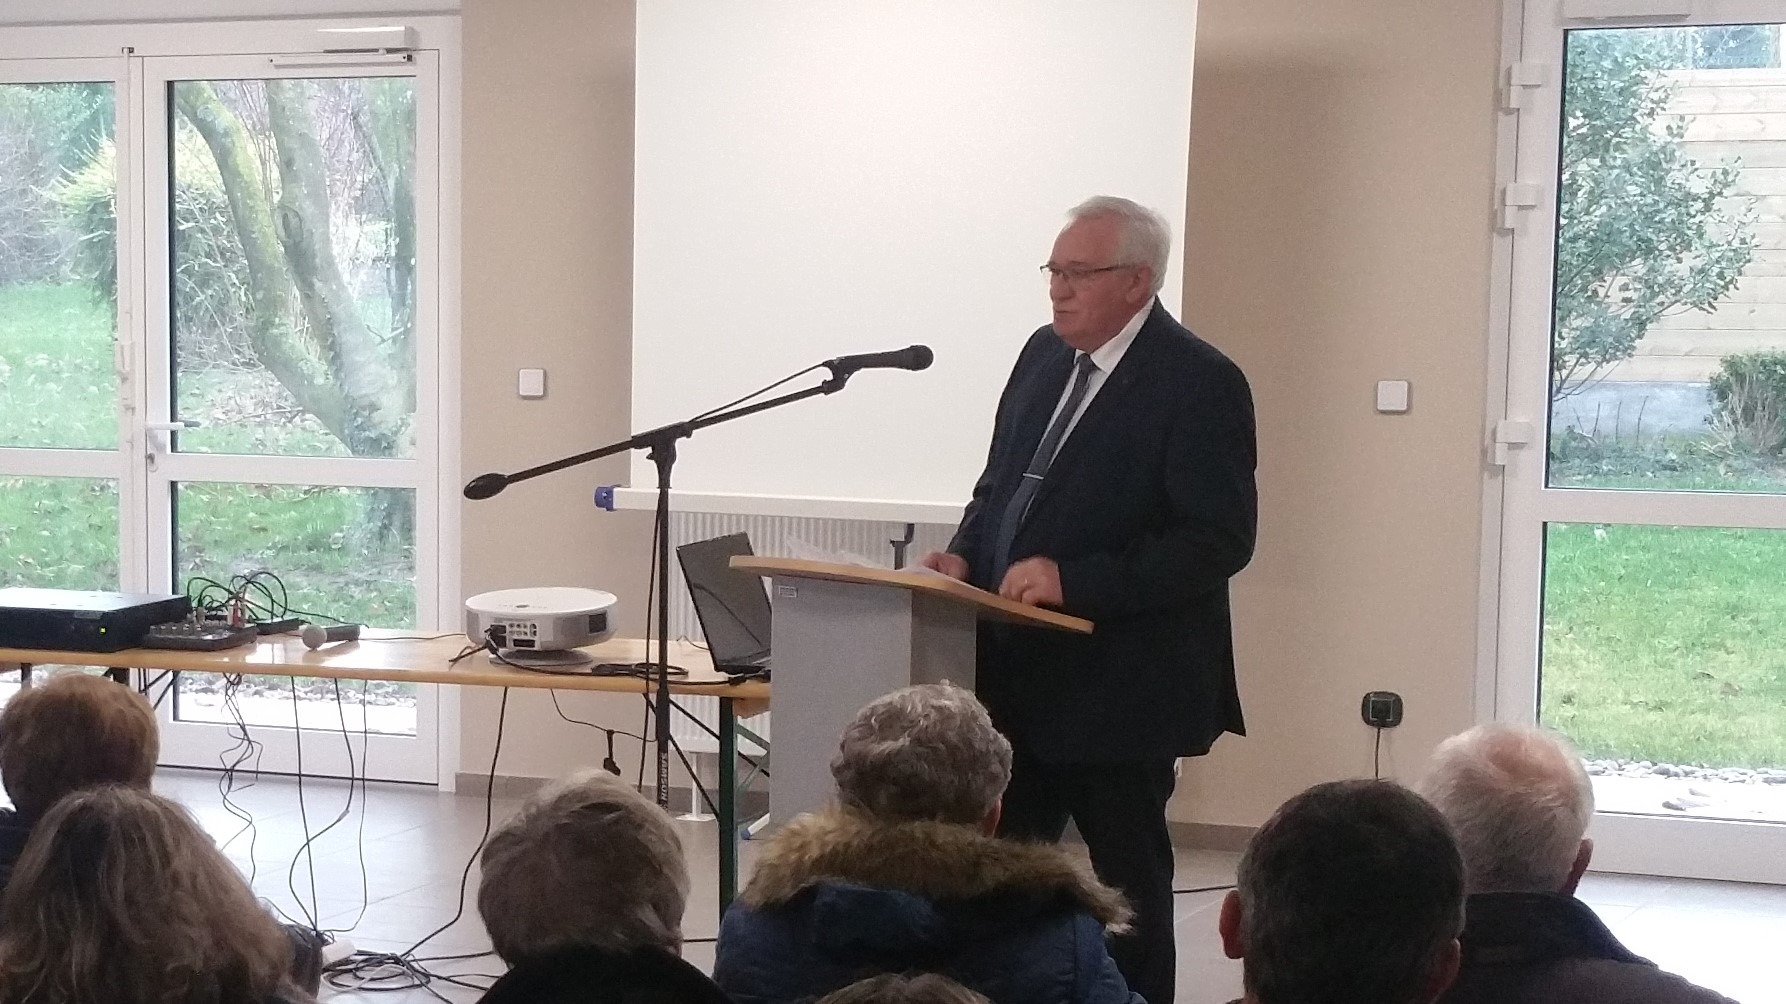 Saint-Pol : le conseiller départemental organise un grand débat axé sur la ruralité